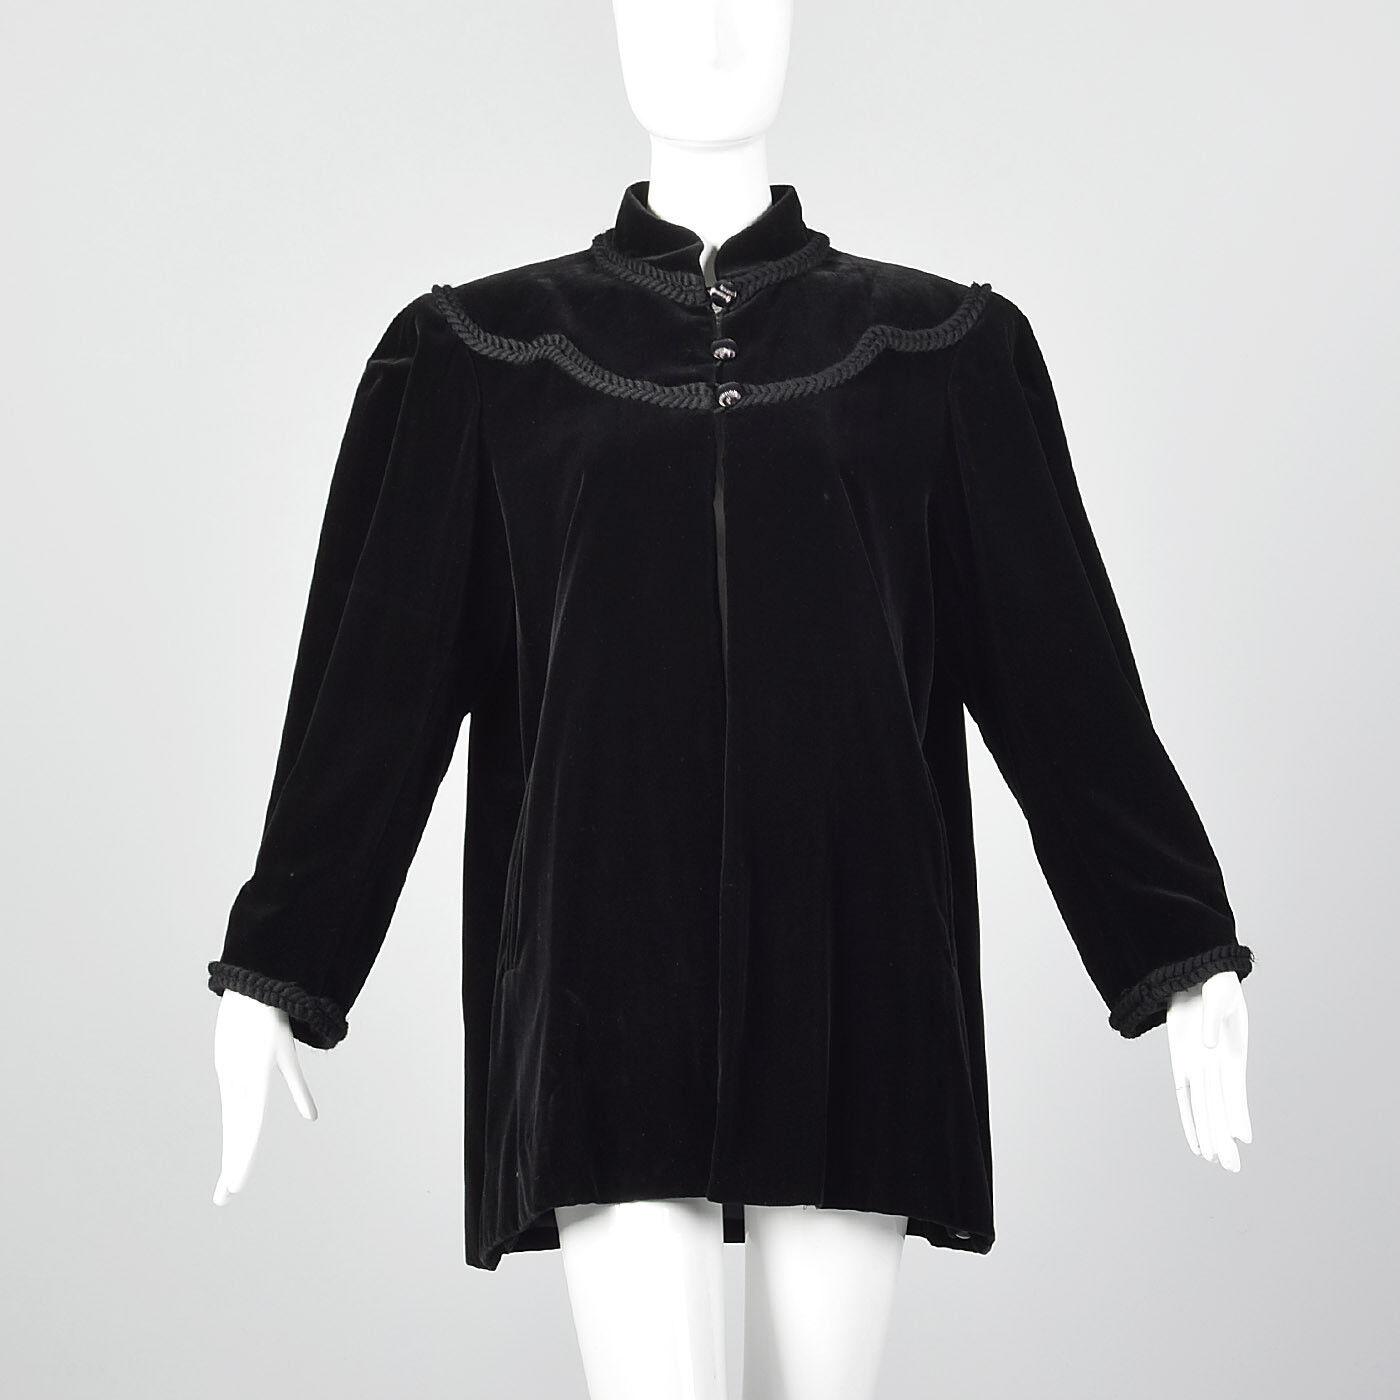 Large 1980s Yves Saint Laurent Rive Gauche Velvet Swing Coat VTG Braided Trim